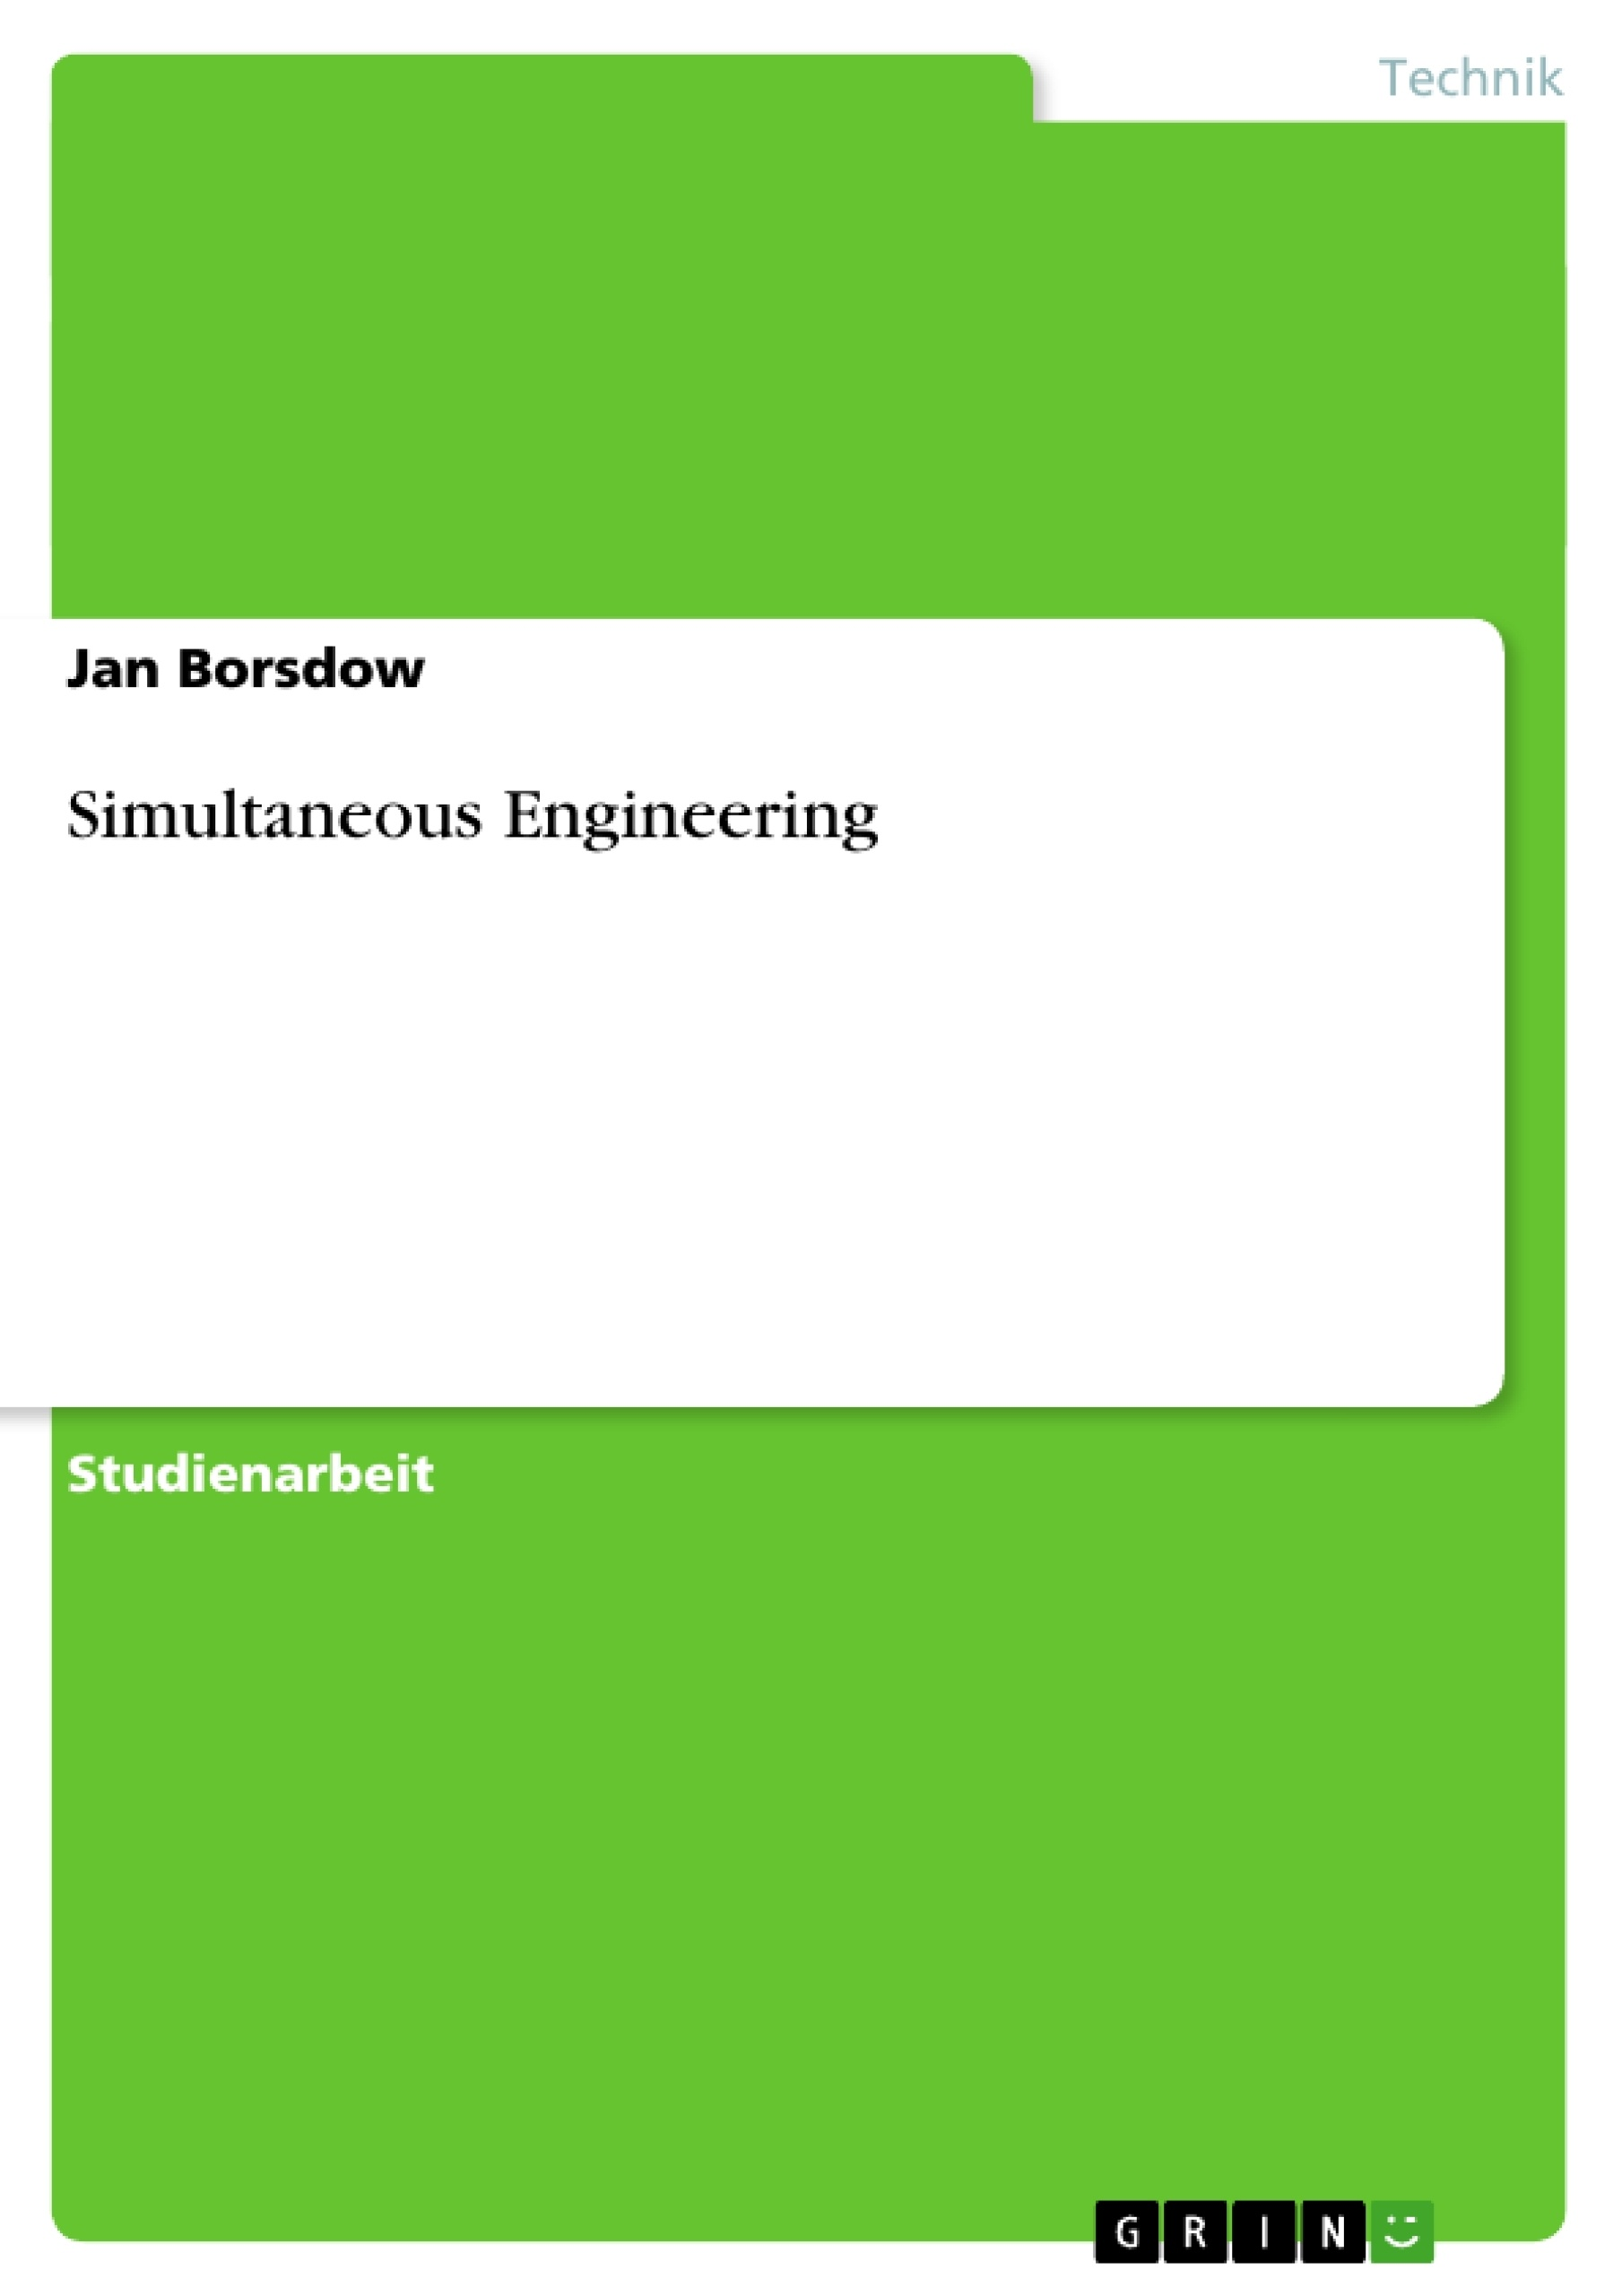 Titel: Simultaneous Engineering